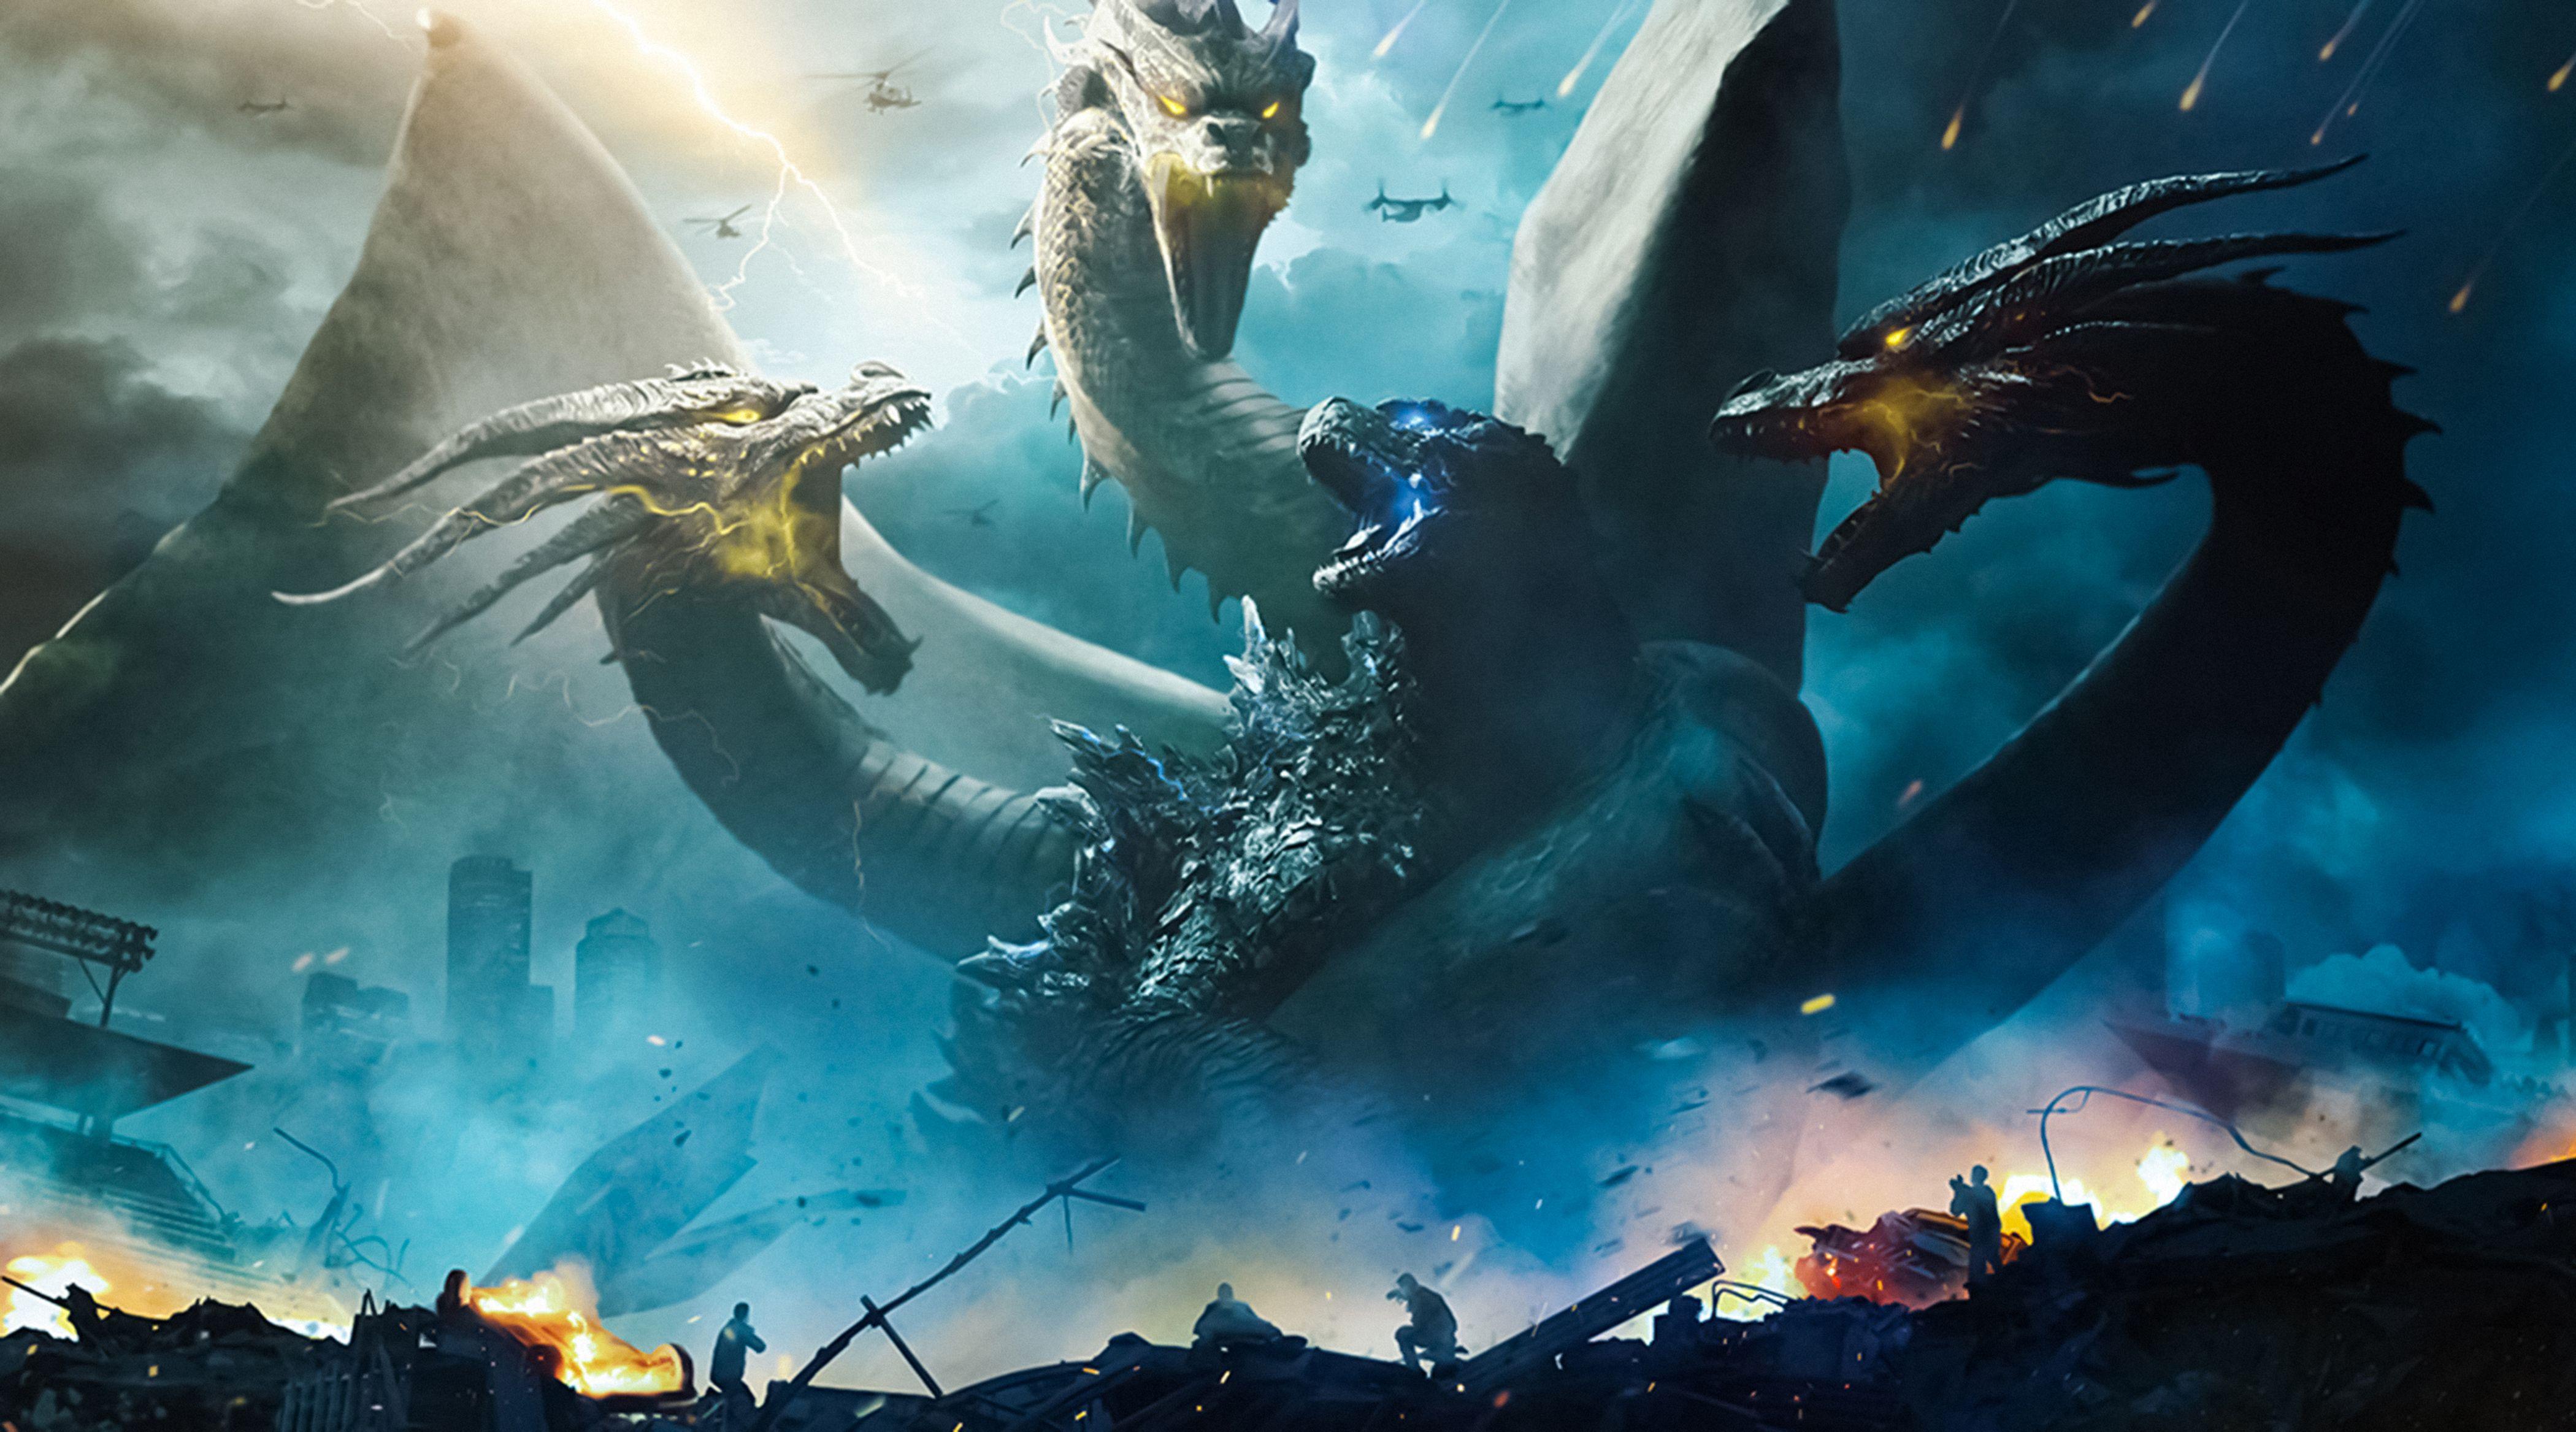 10+] Godzilla Backgrounds on WallpaperSafari